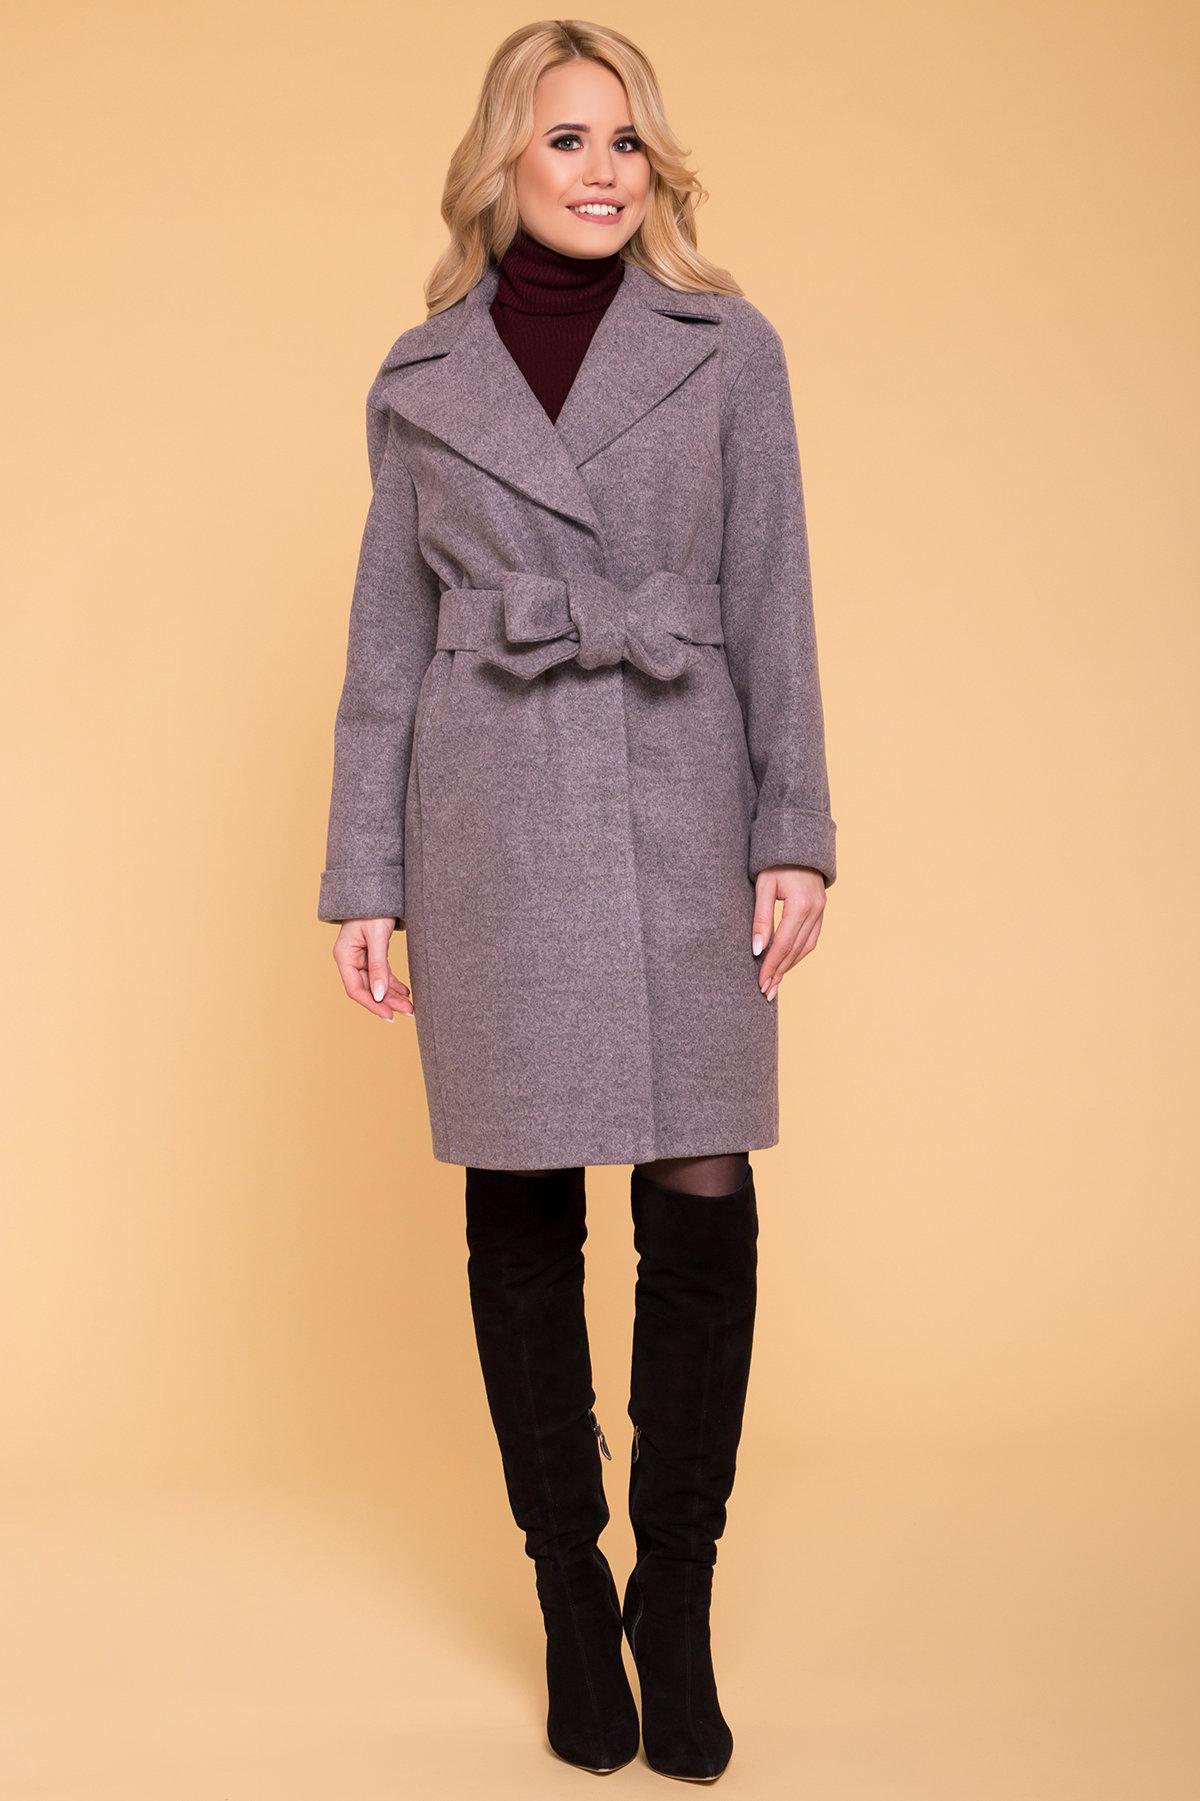 ac371a35ab3 Купить пальто демисезонное